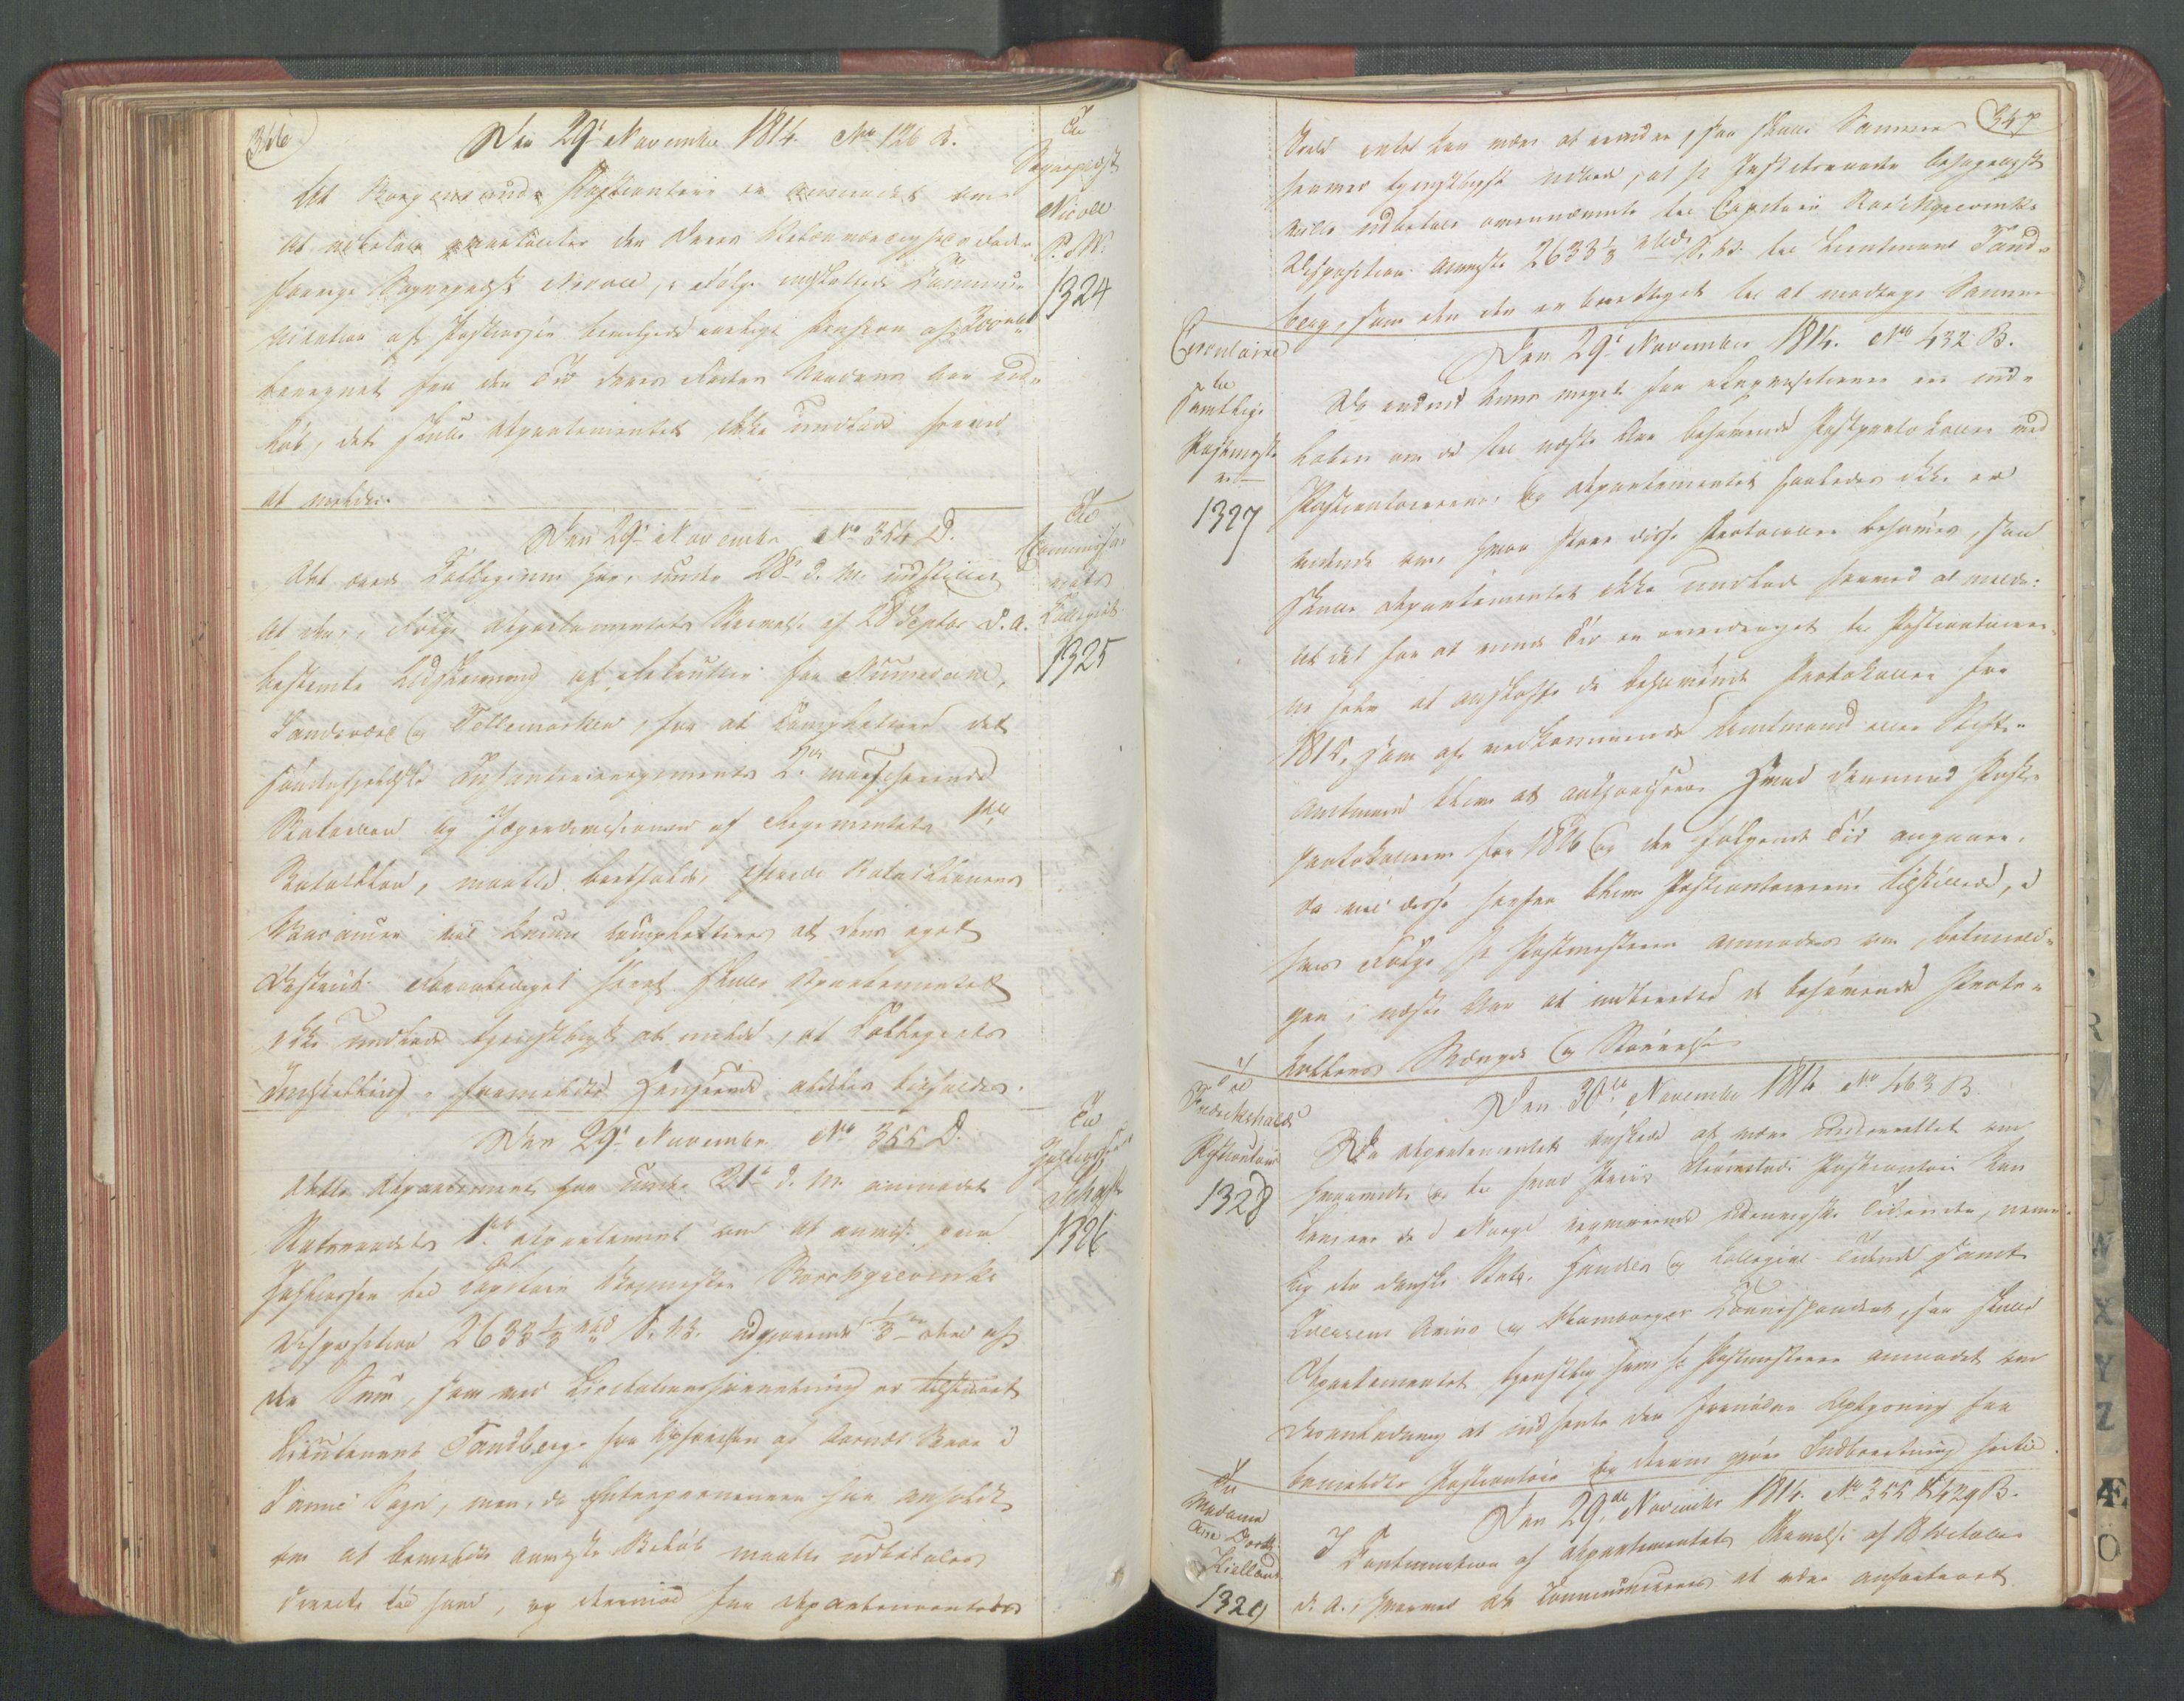 RA, Departementene i 1814, Fb/L0028: Kopibok 1-1371, 1814, s. 346-347